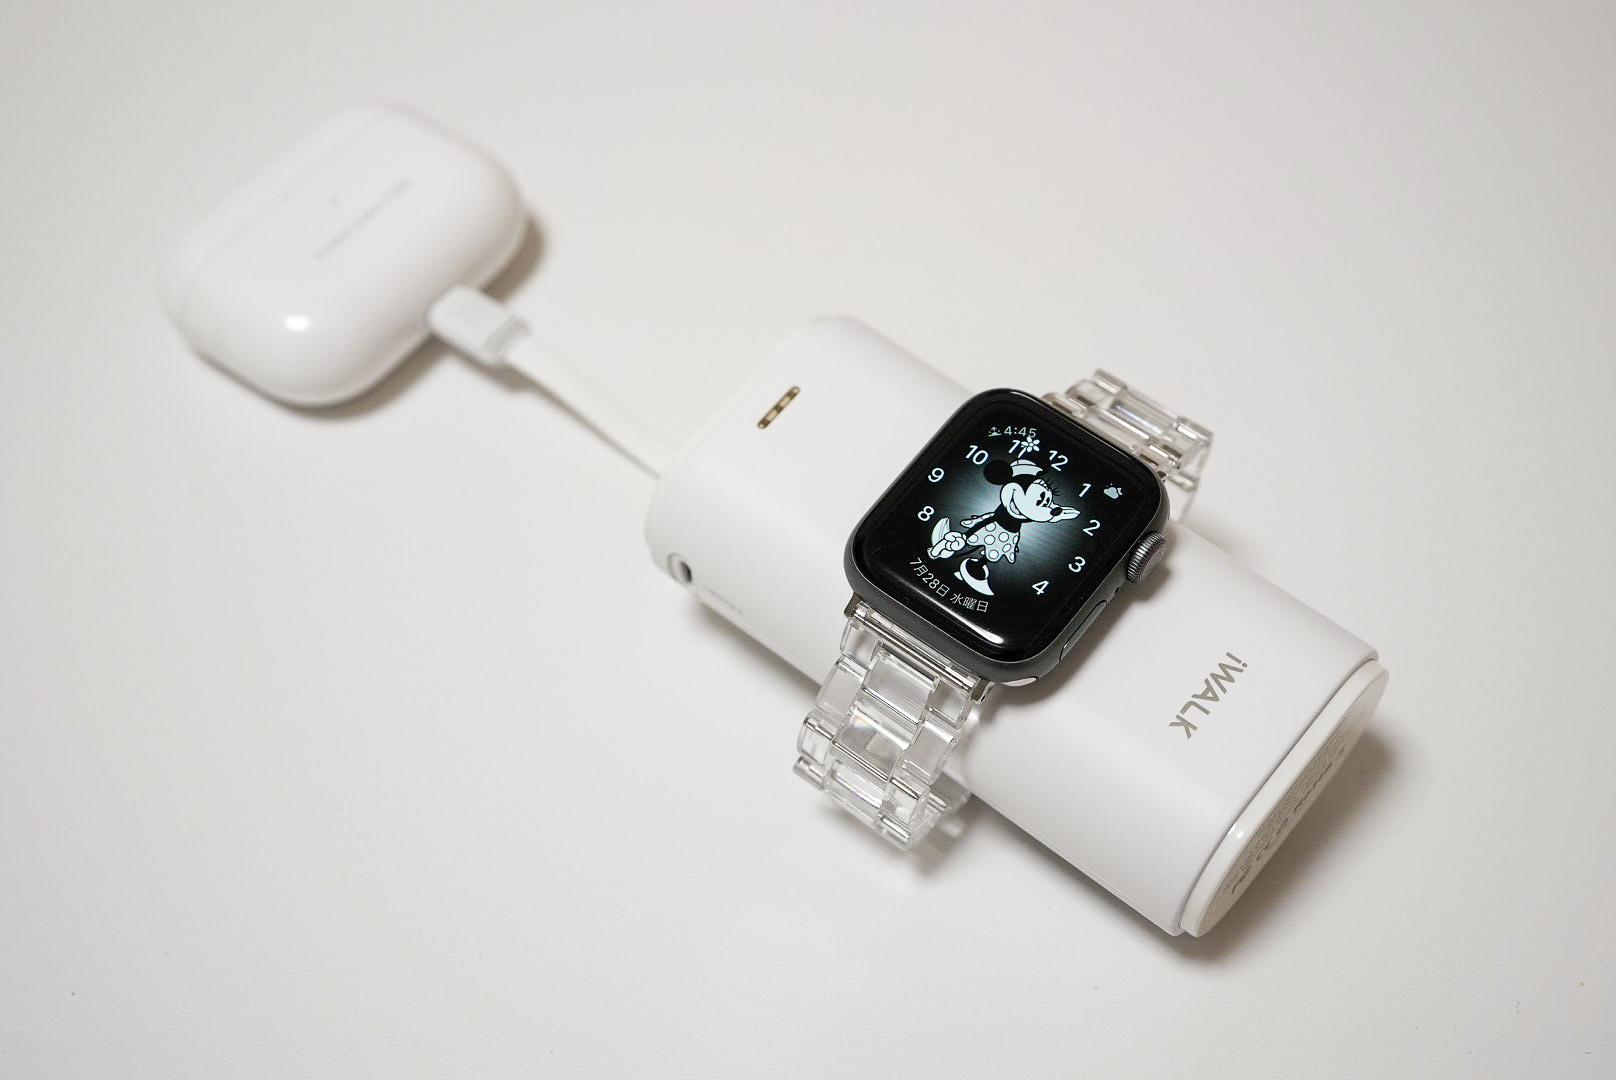 Apple Watchと、Lightning端子のアップル製品が充電できるiWALKのモバイルバッテリー